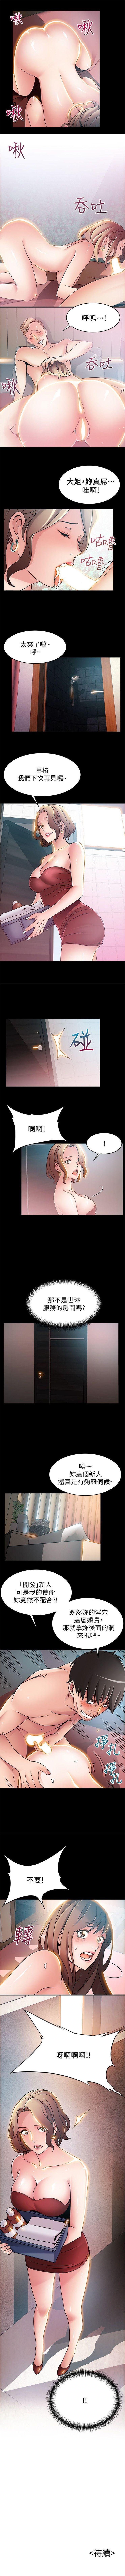 (周7)弱点 1-66 中文翻译(更新中) 172